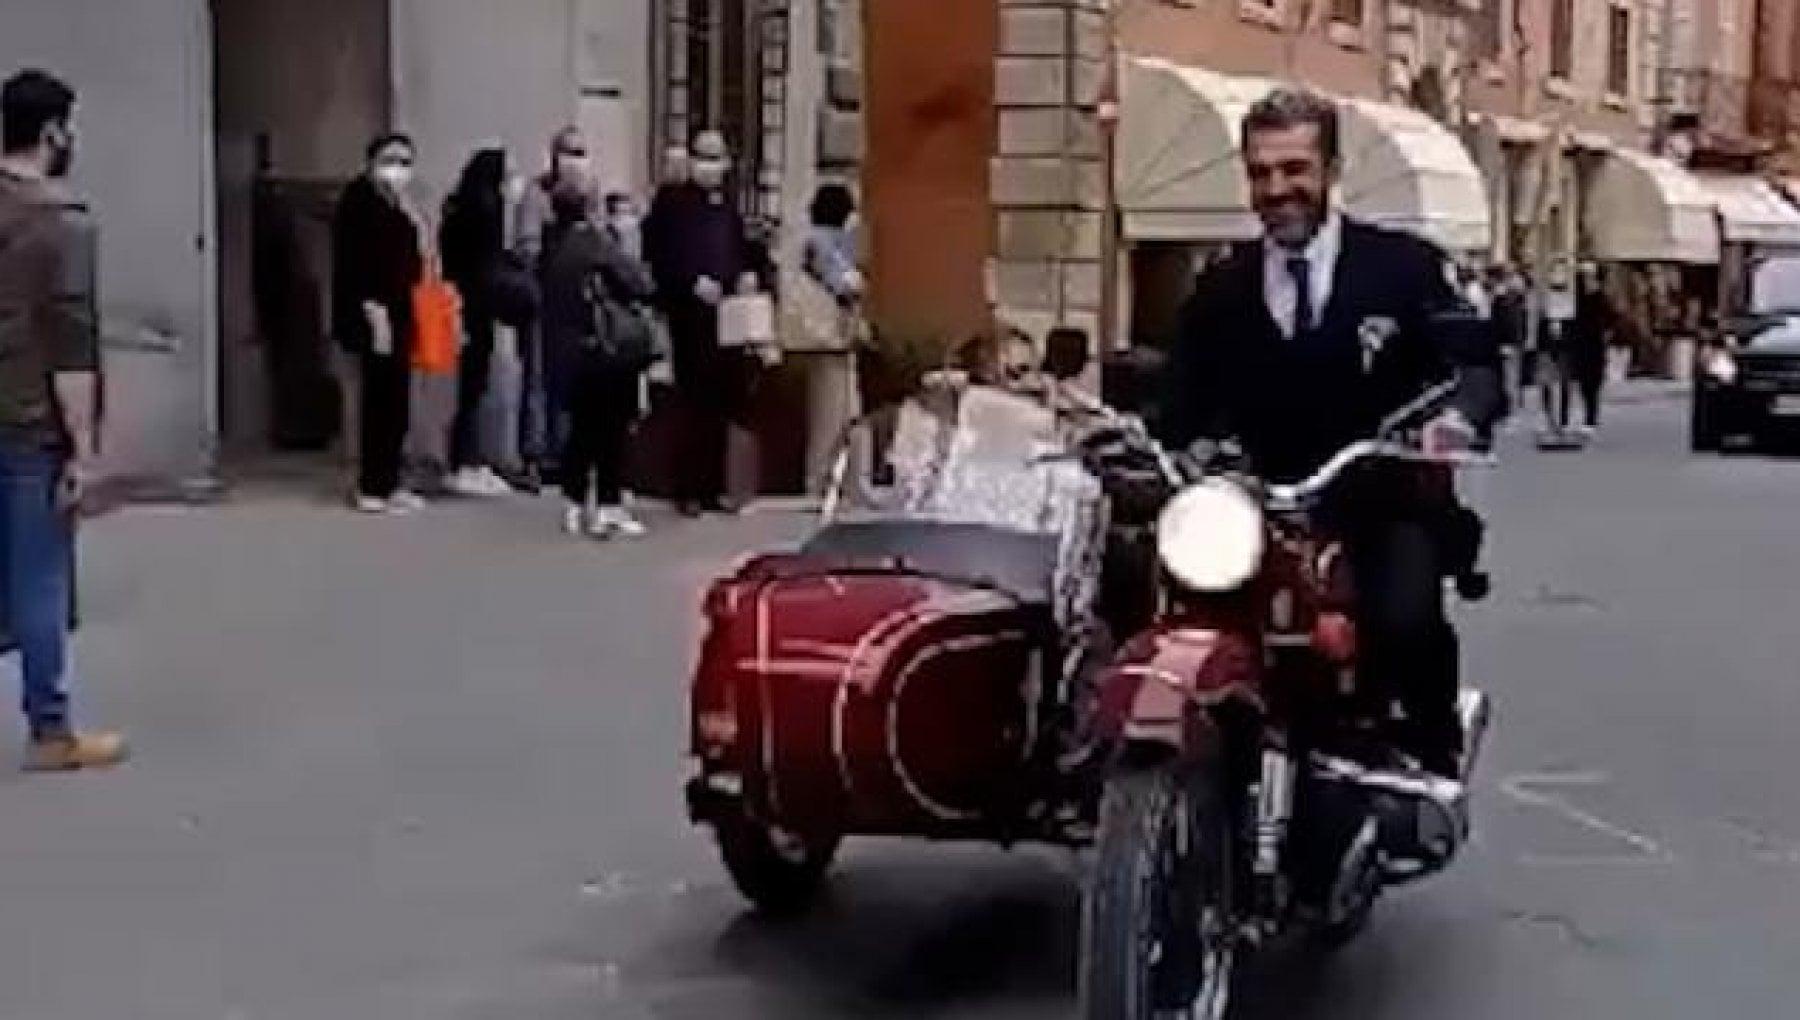 183835622 07e04bde 25a9 4e09 a634 017d2110b511 - Luca Argentero e Cristina Marino sposi in sidecar a Città della Pieve